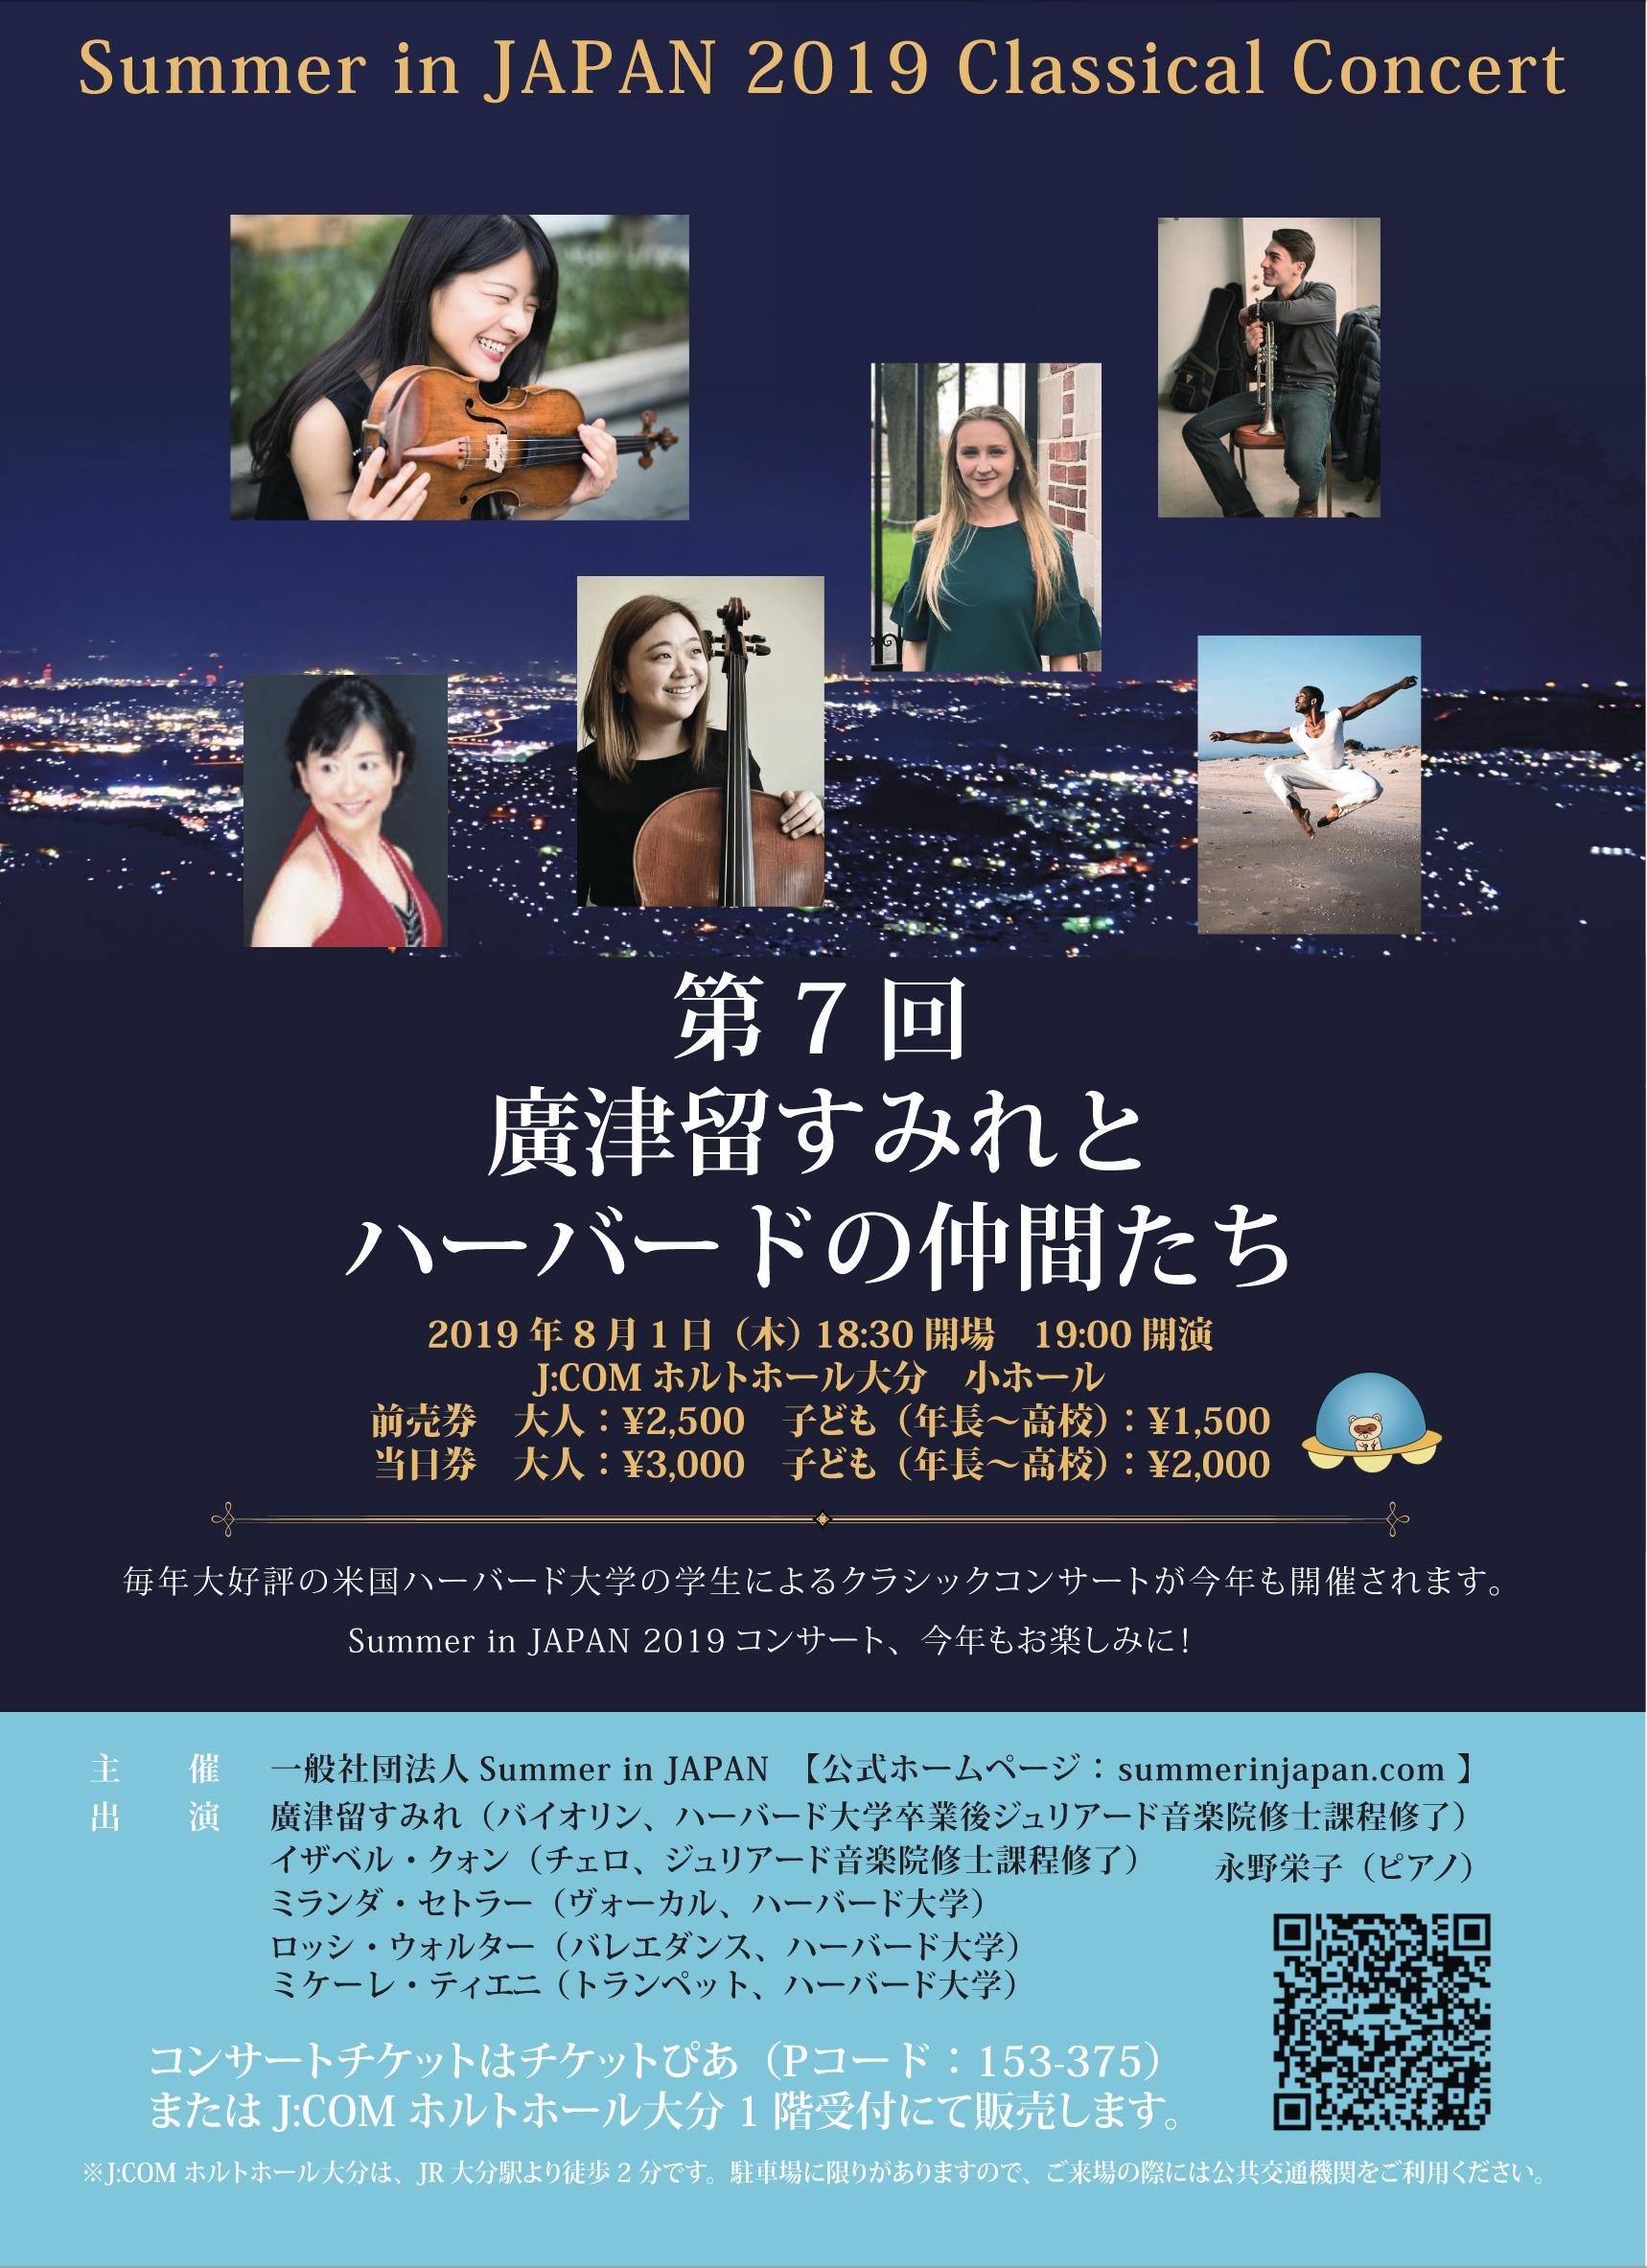 hirotsuru-sumire-concert2019